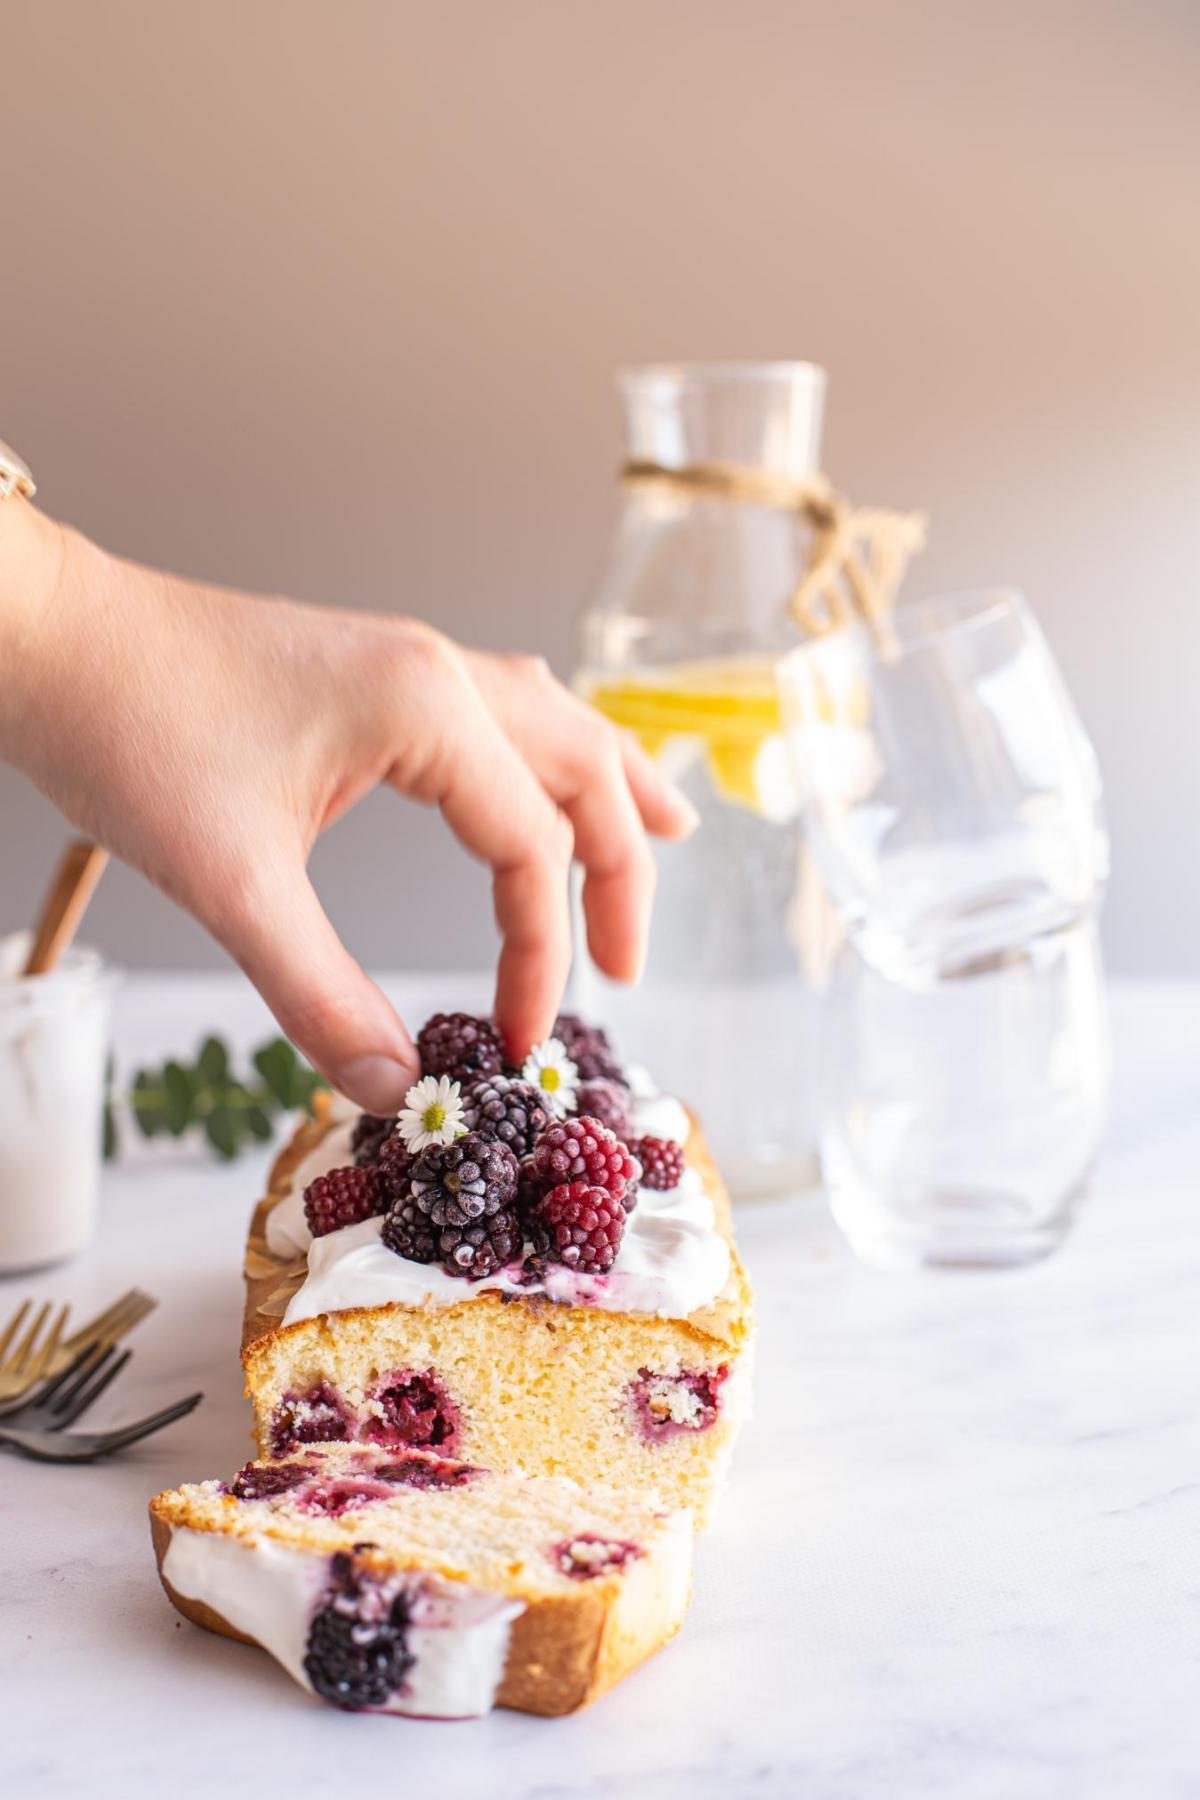 7x vezelrijke glutenvrije recepten